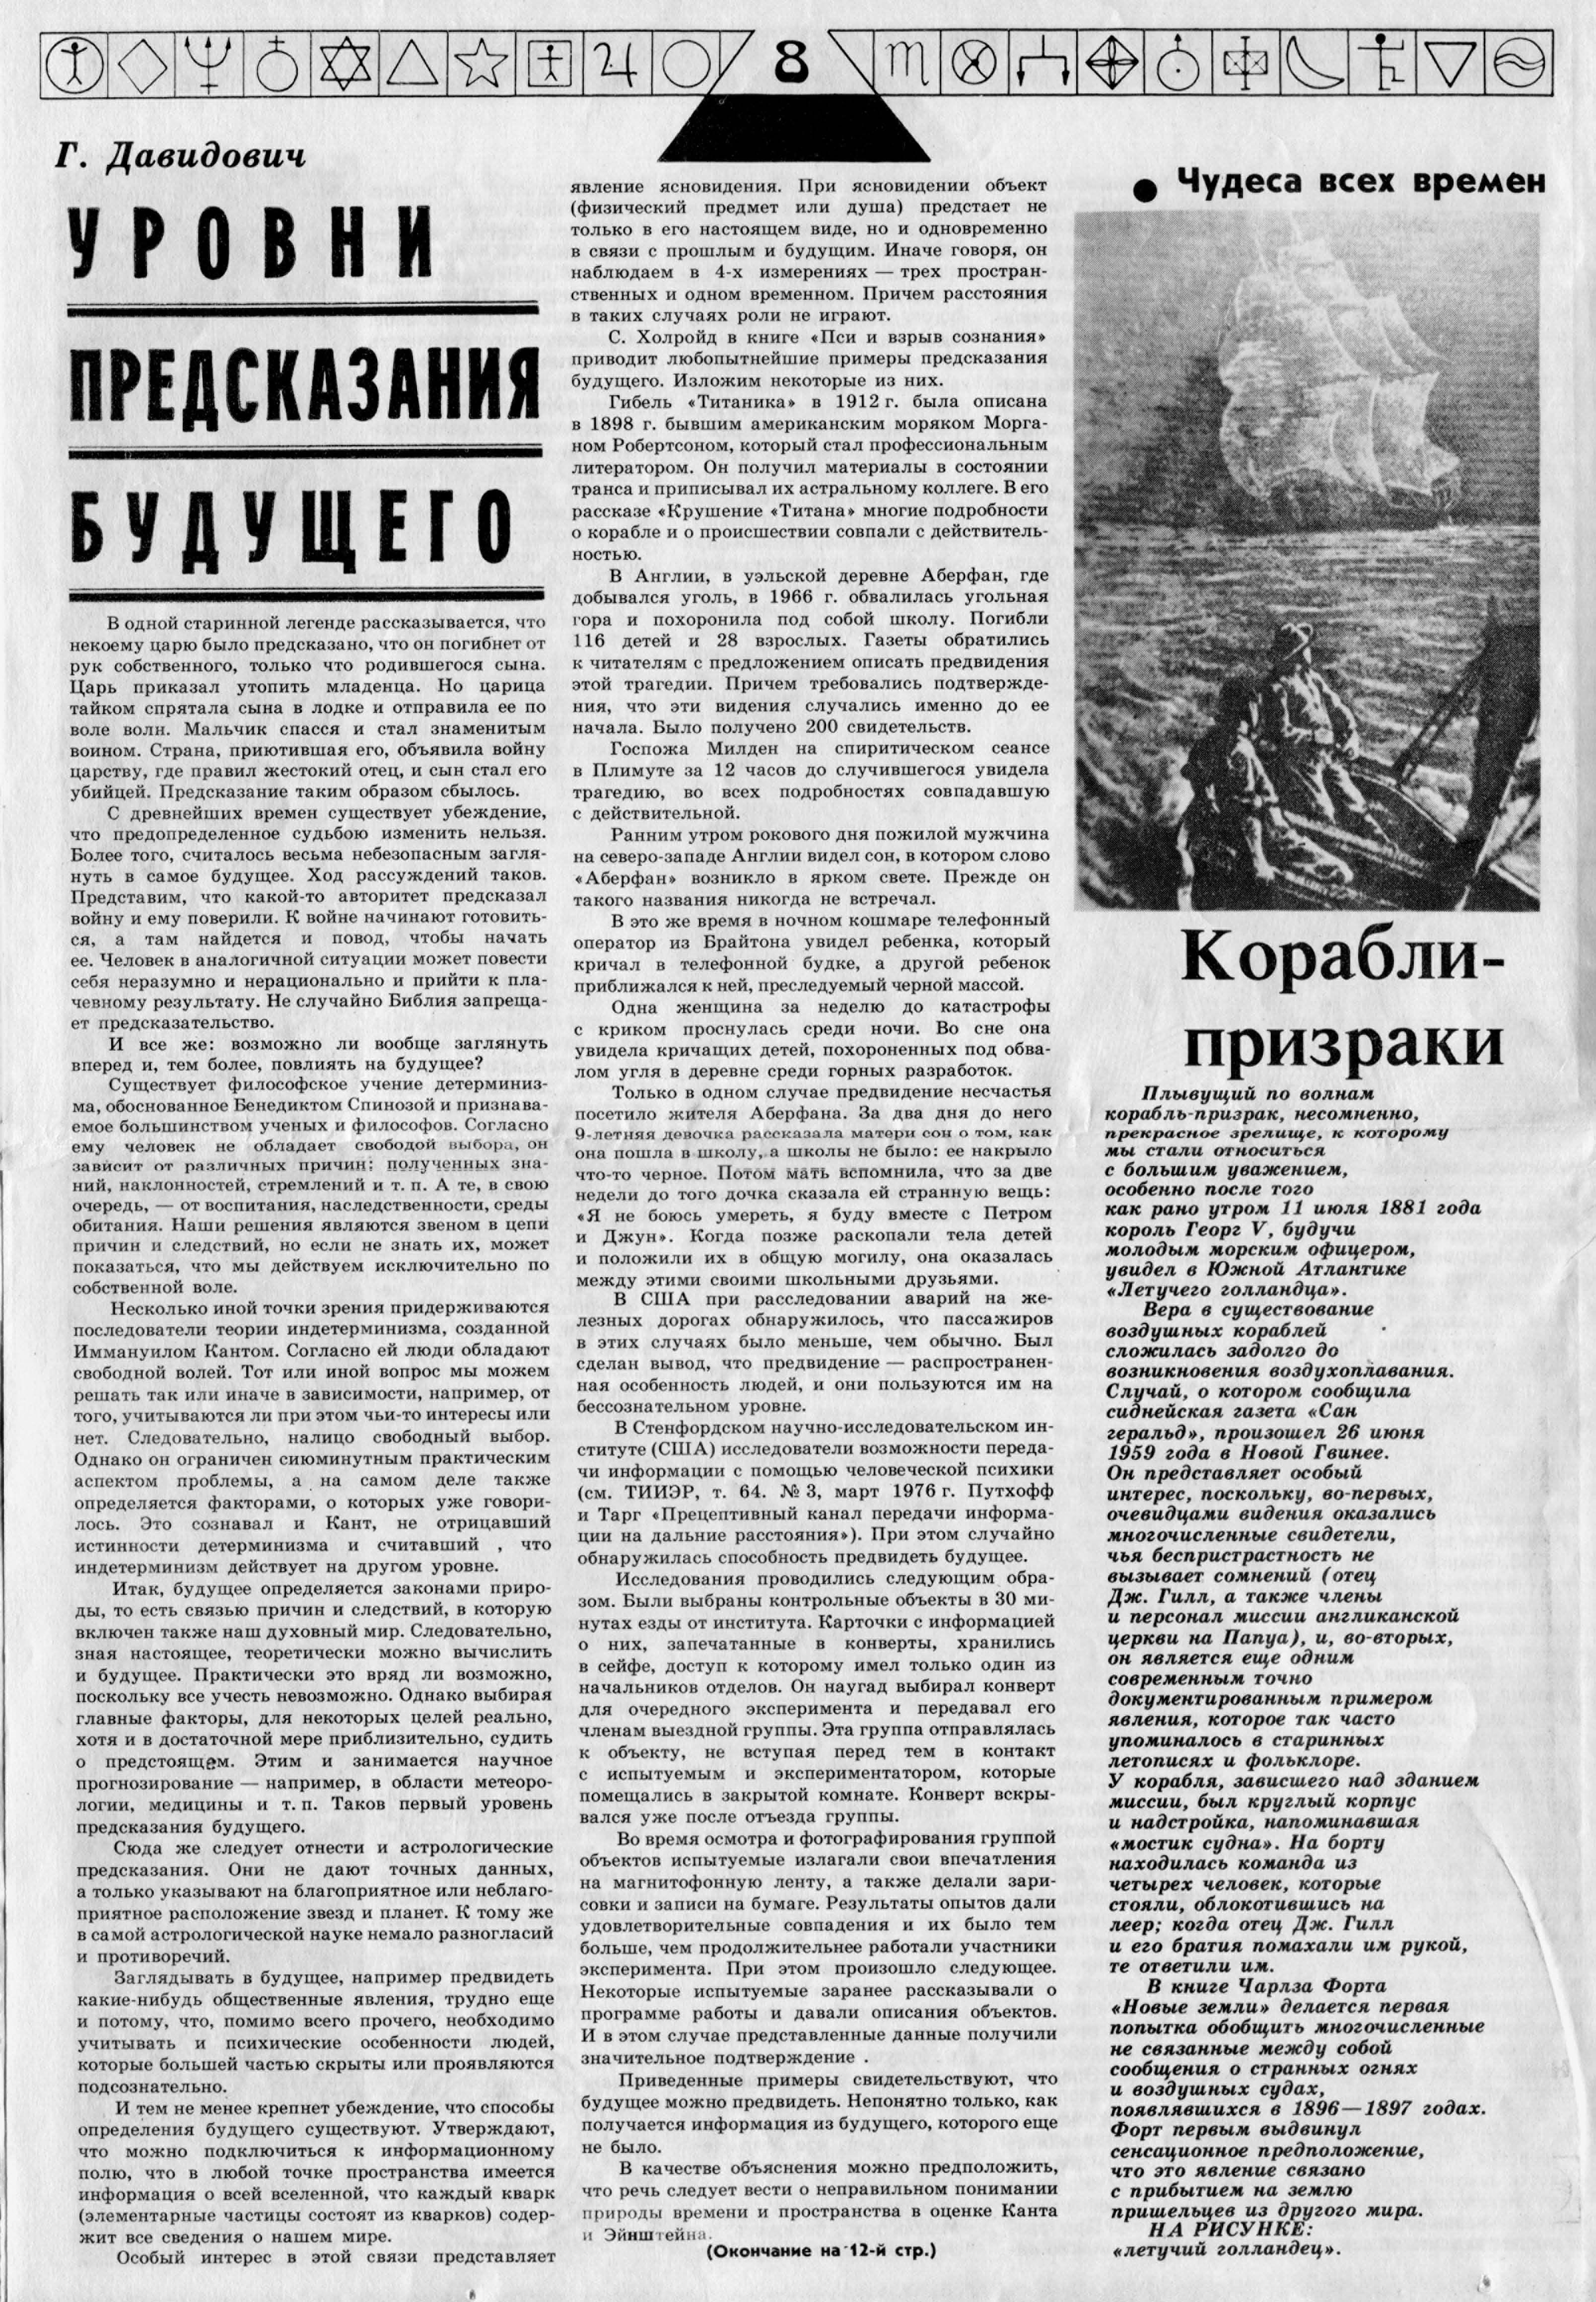 М-ский треугольник #08 (02-1991)_Страница_08.jpg